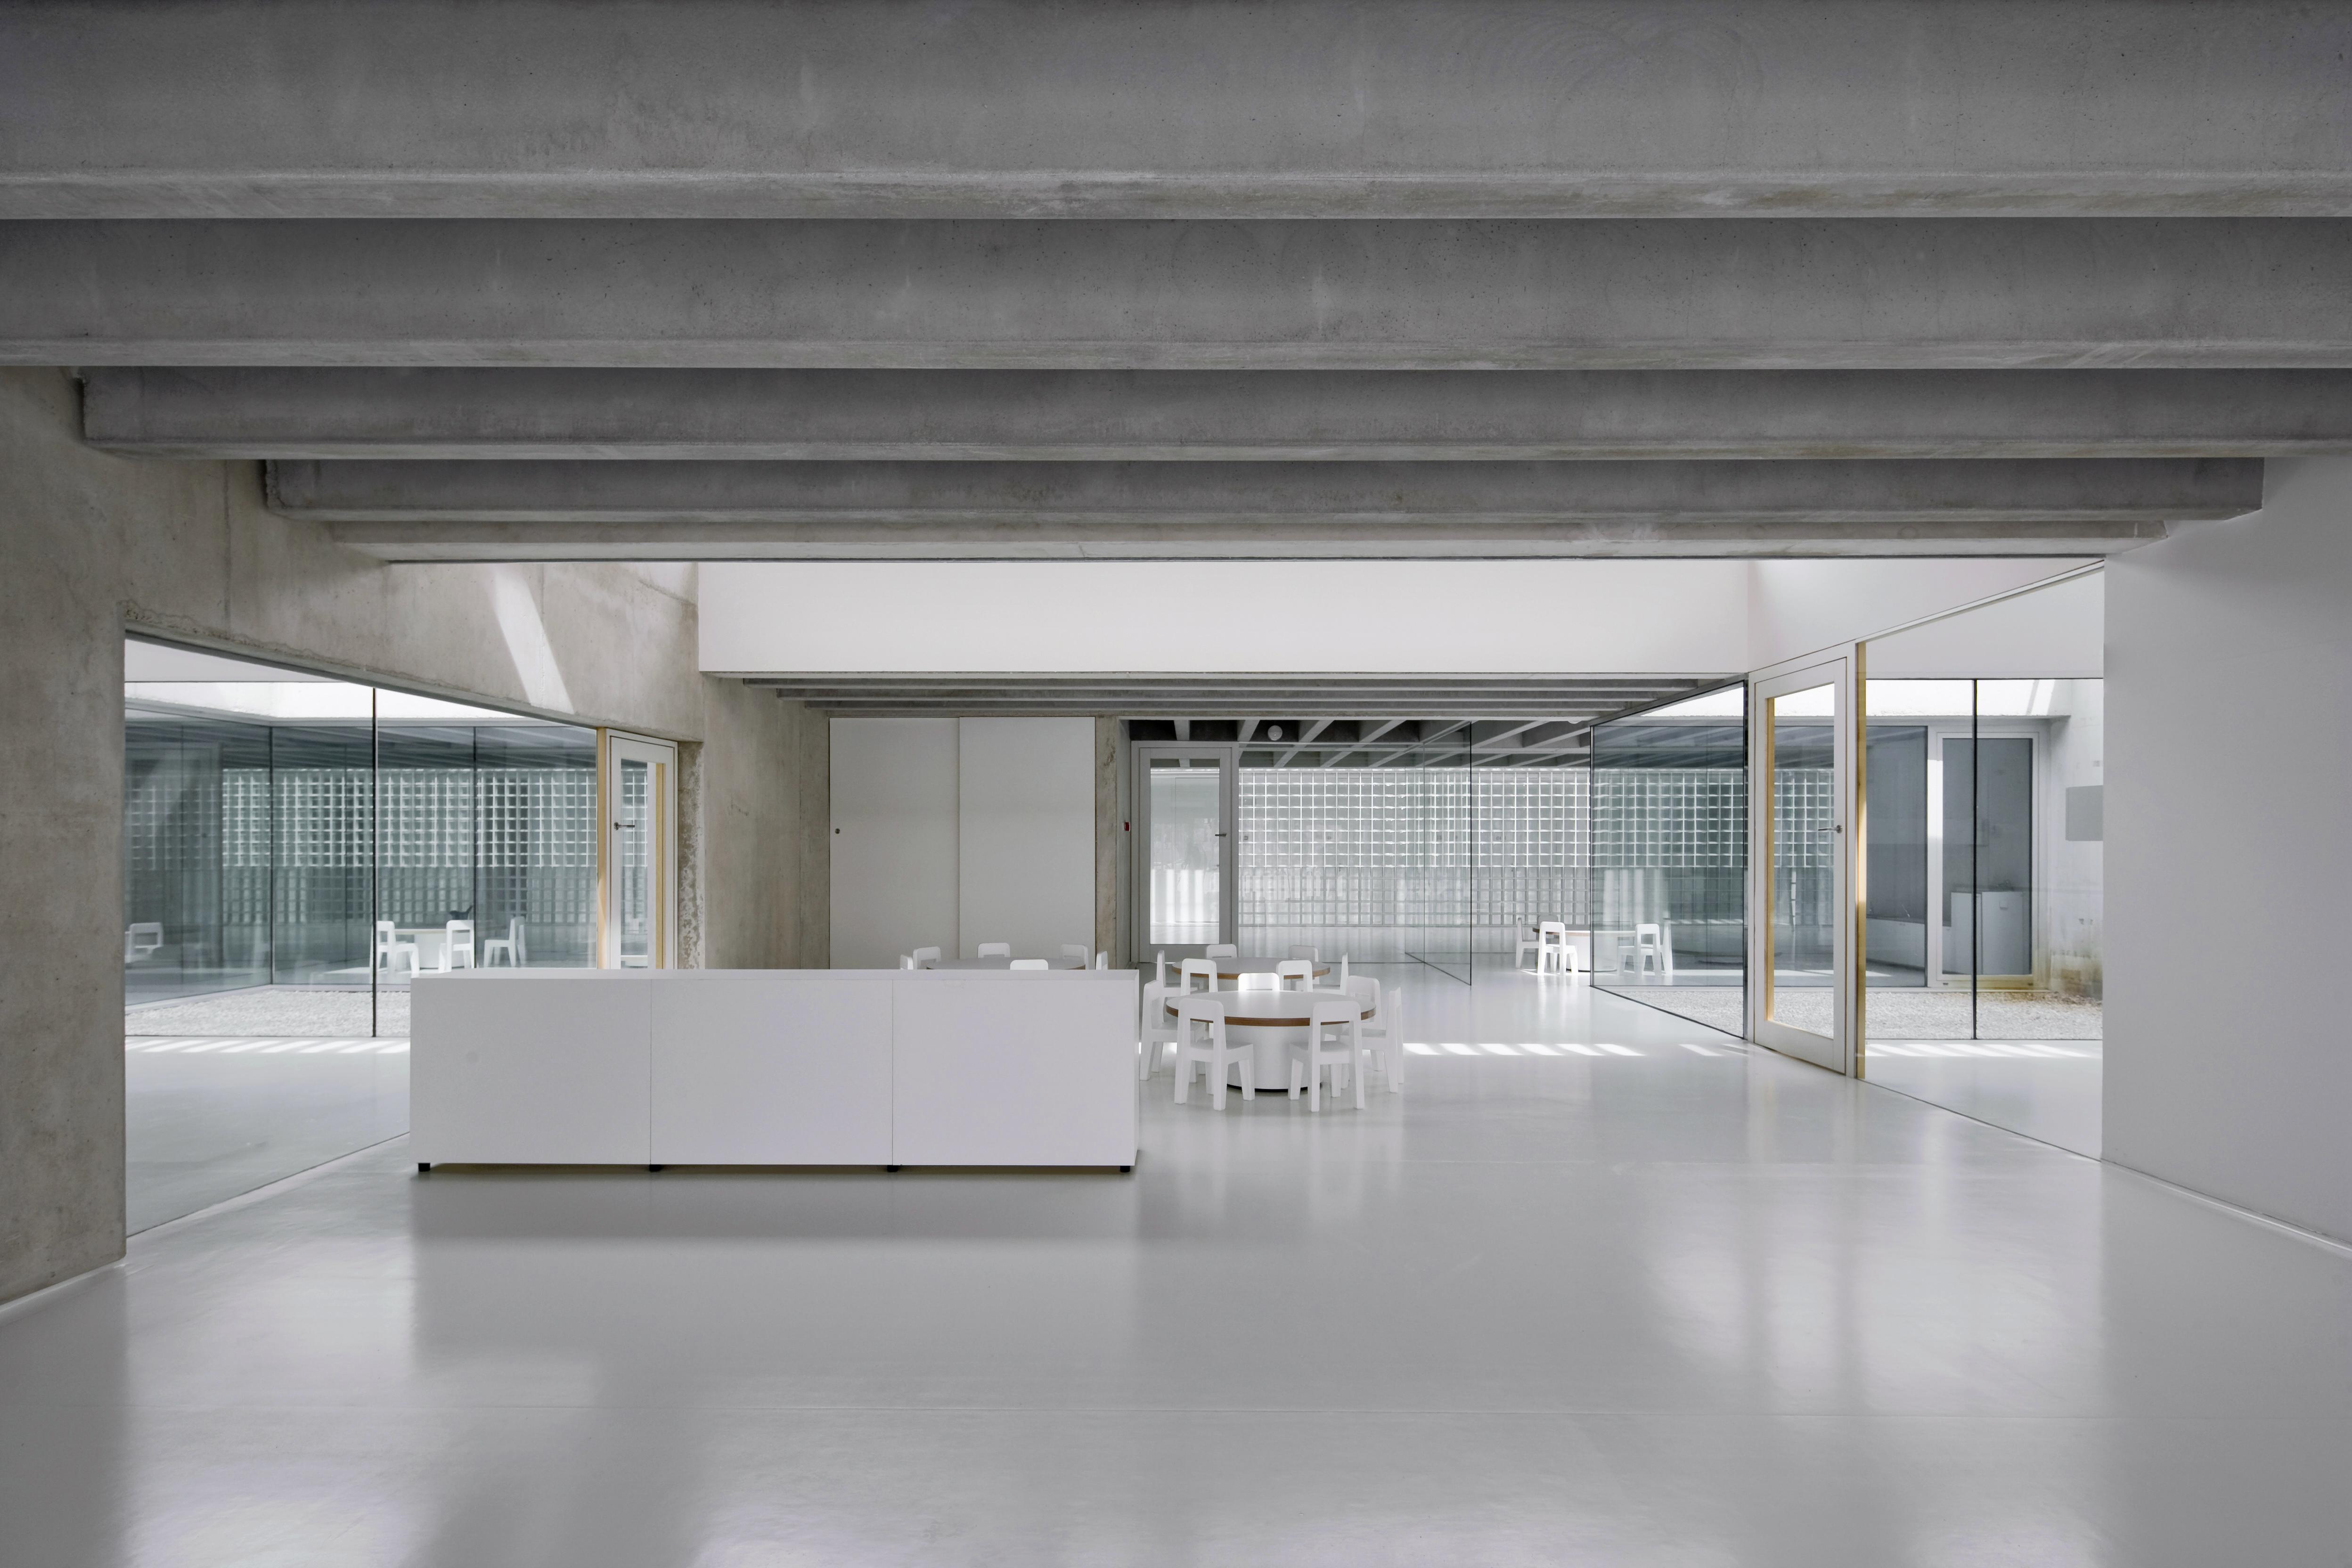 Arquitectura reinventada la respuesta de los arquitectos a la crisis idealista news - Arquitectos en pamplona ...